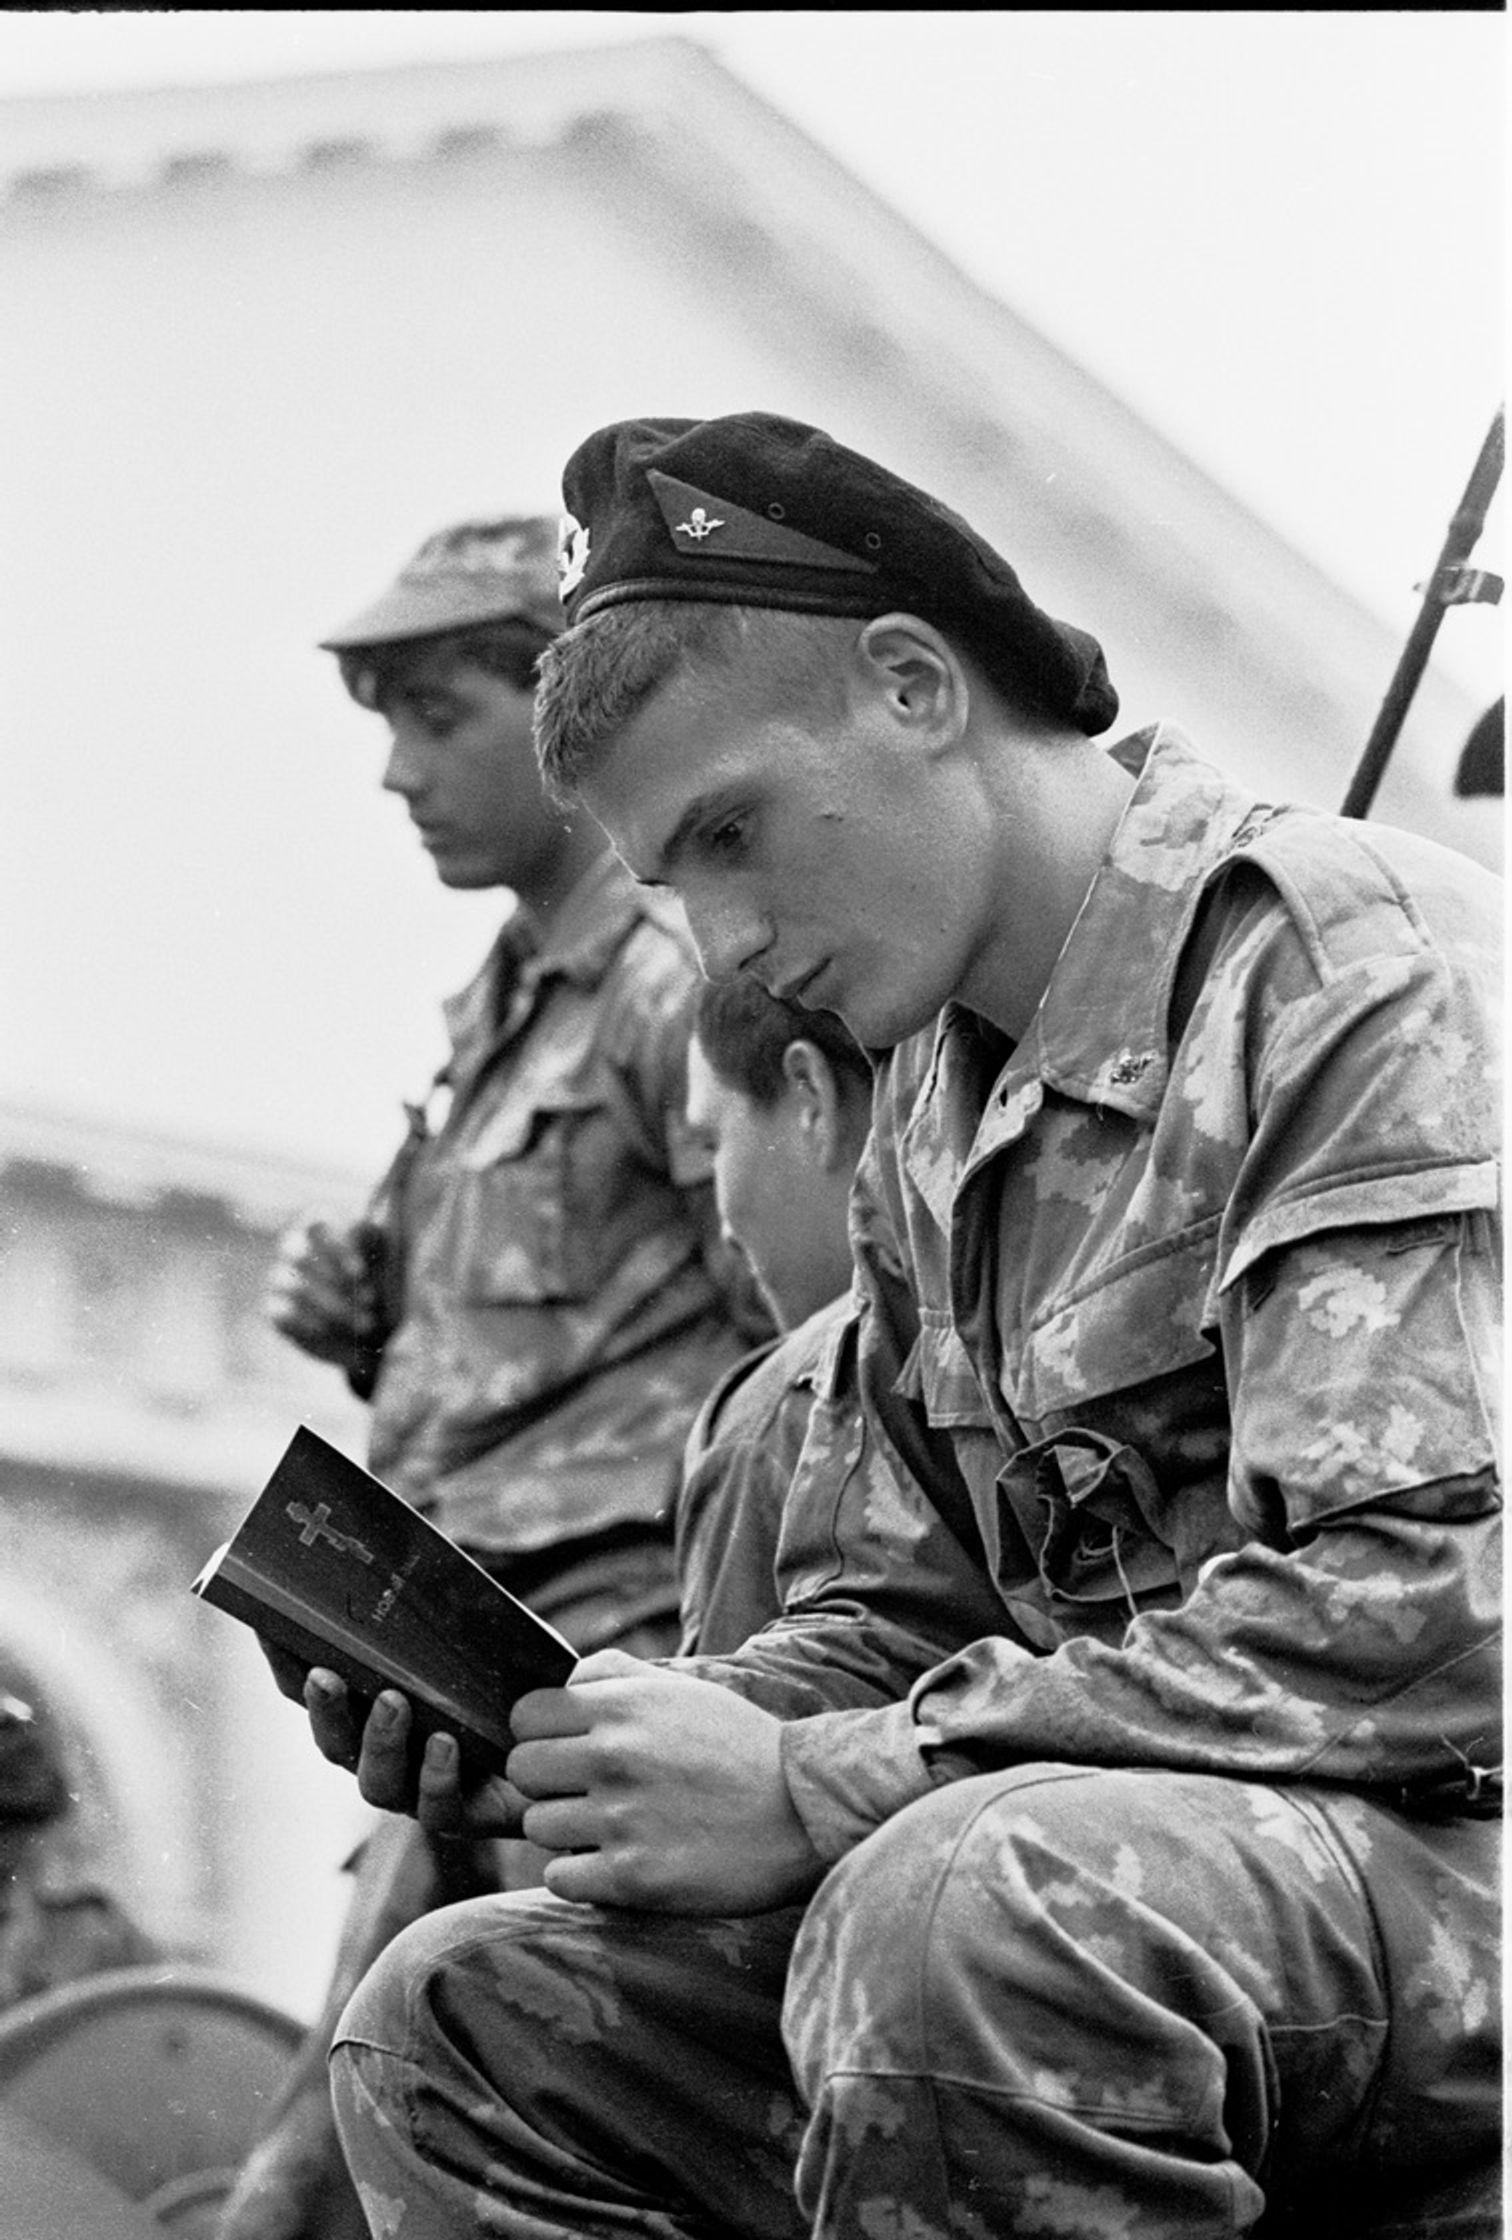 Солдат у Манежа читает Библию